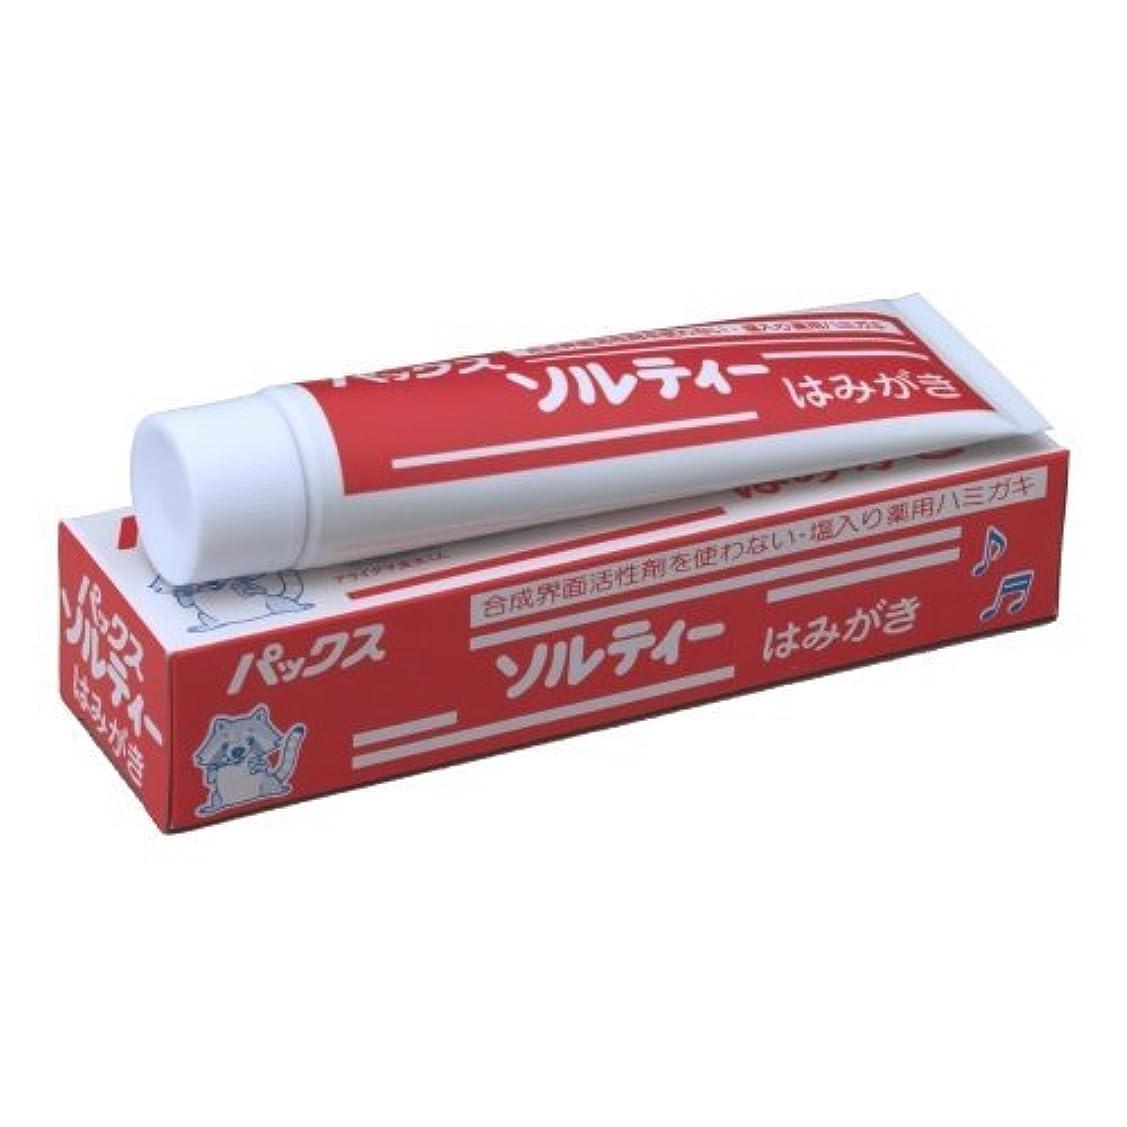 誰が最小化する最も早いパックスソルティーはみがき 80g (塩歯磨き粉)